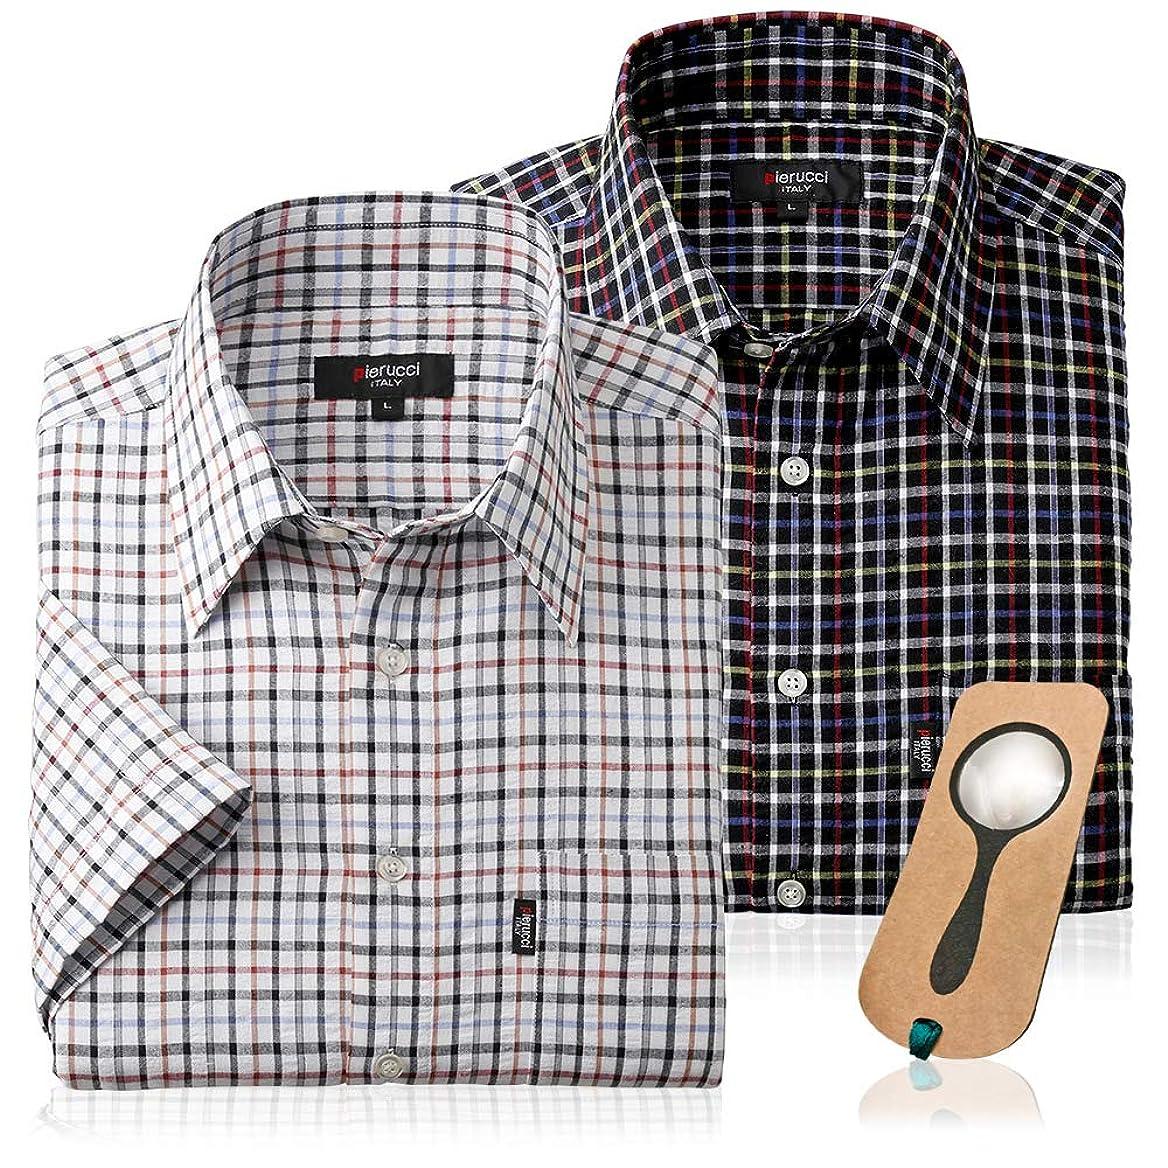 疎外するグレードマーキーサラッと涼しい格子柄サッカー生地 カジュアルシャツ2枚組(春夏用 メンズ シャツ 半袖 カジュアル)しおり型ルーペ付